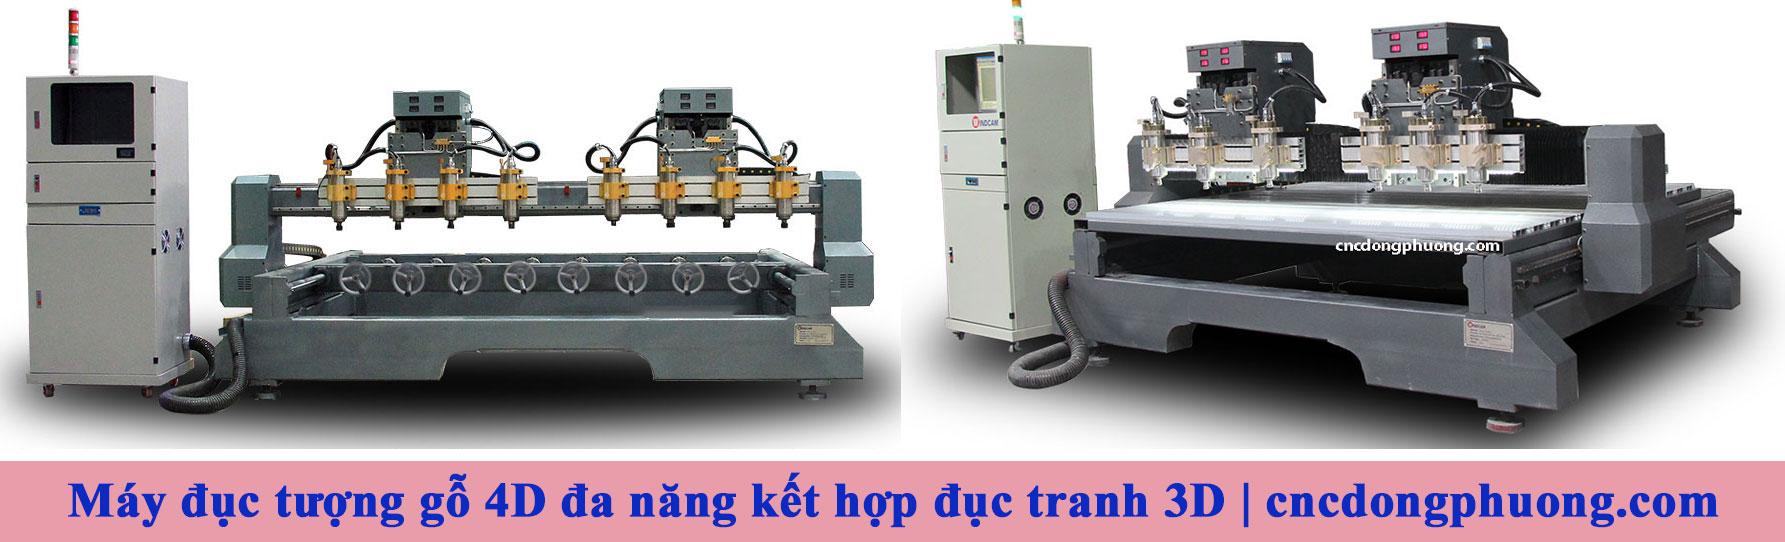 Giá máy đục tượng gỗ 4D tại Bình Định bao nhiêu?1